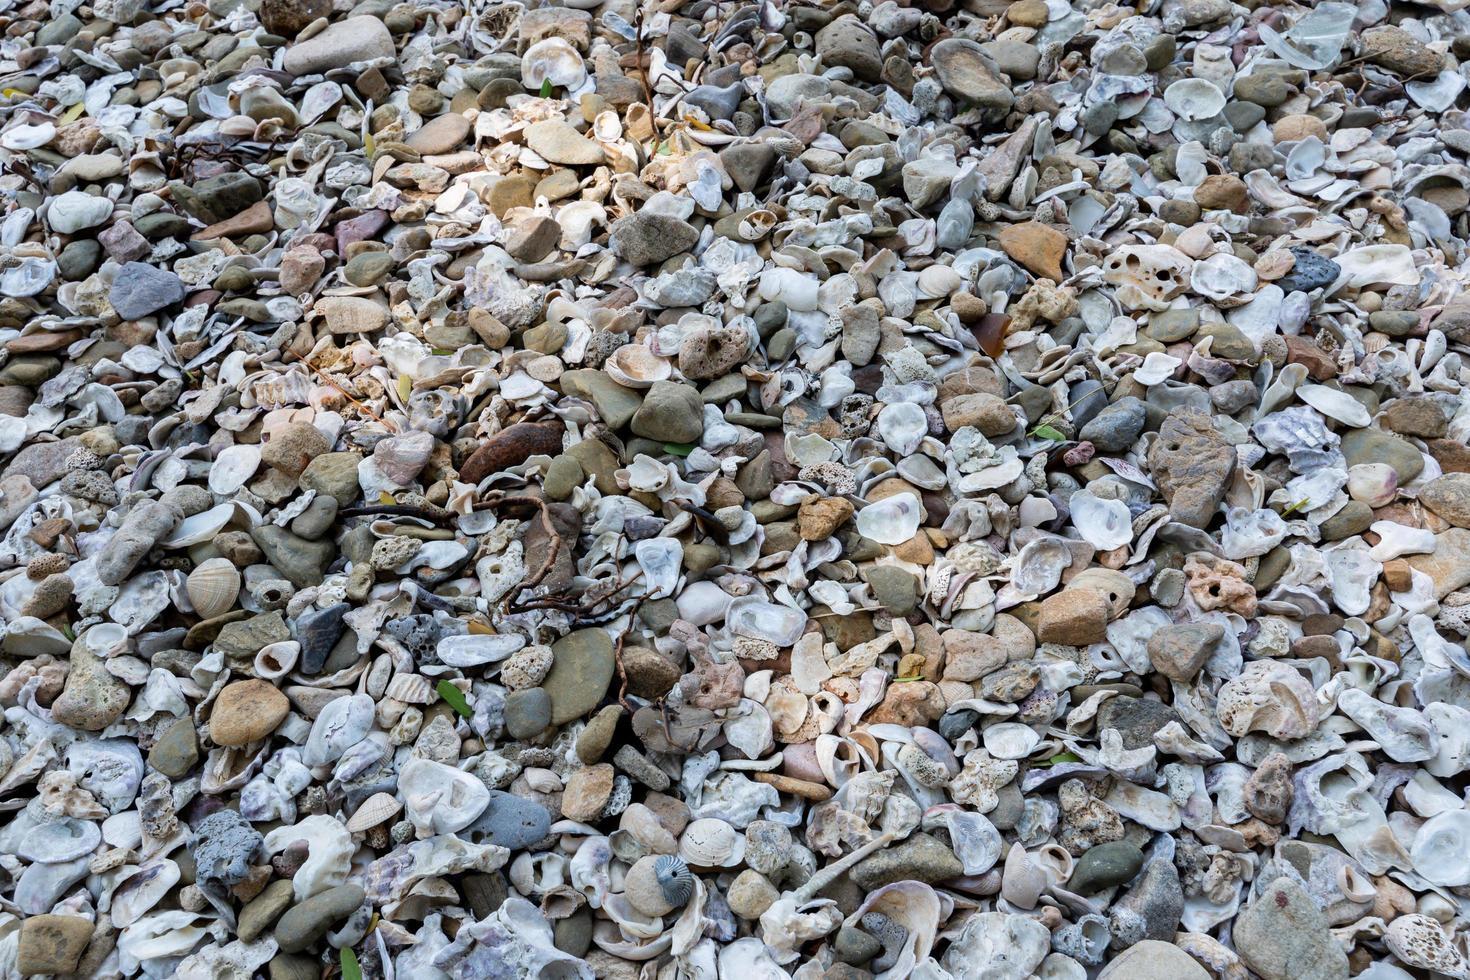 conchas marinas y guijarros a la orilla del mar. foto